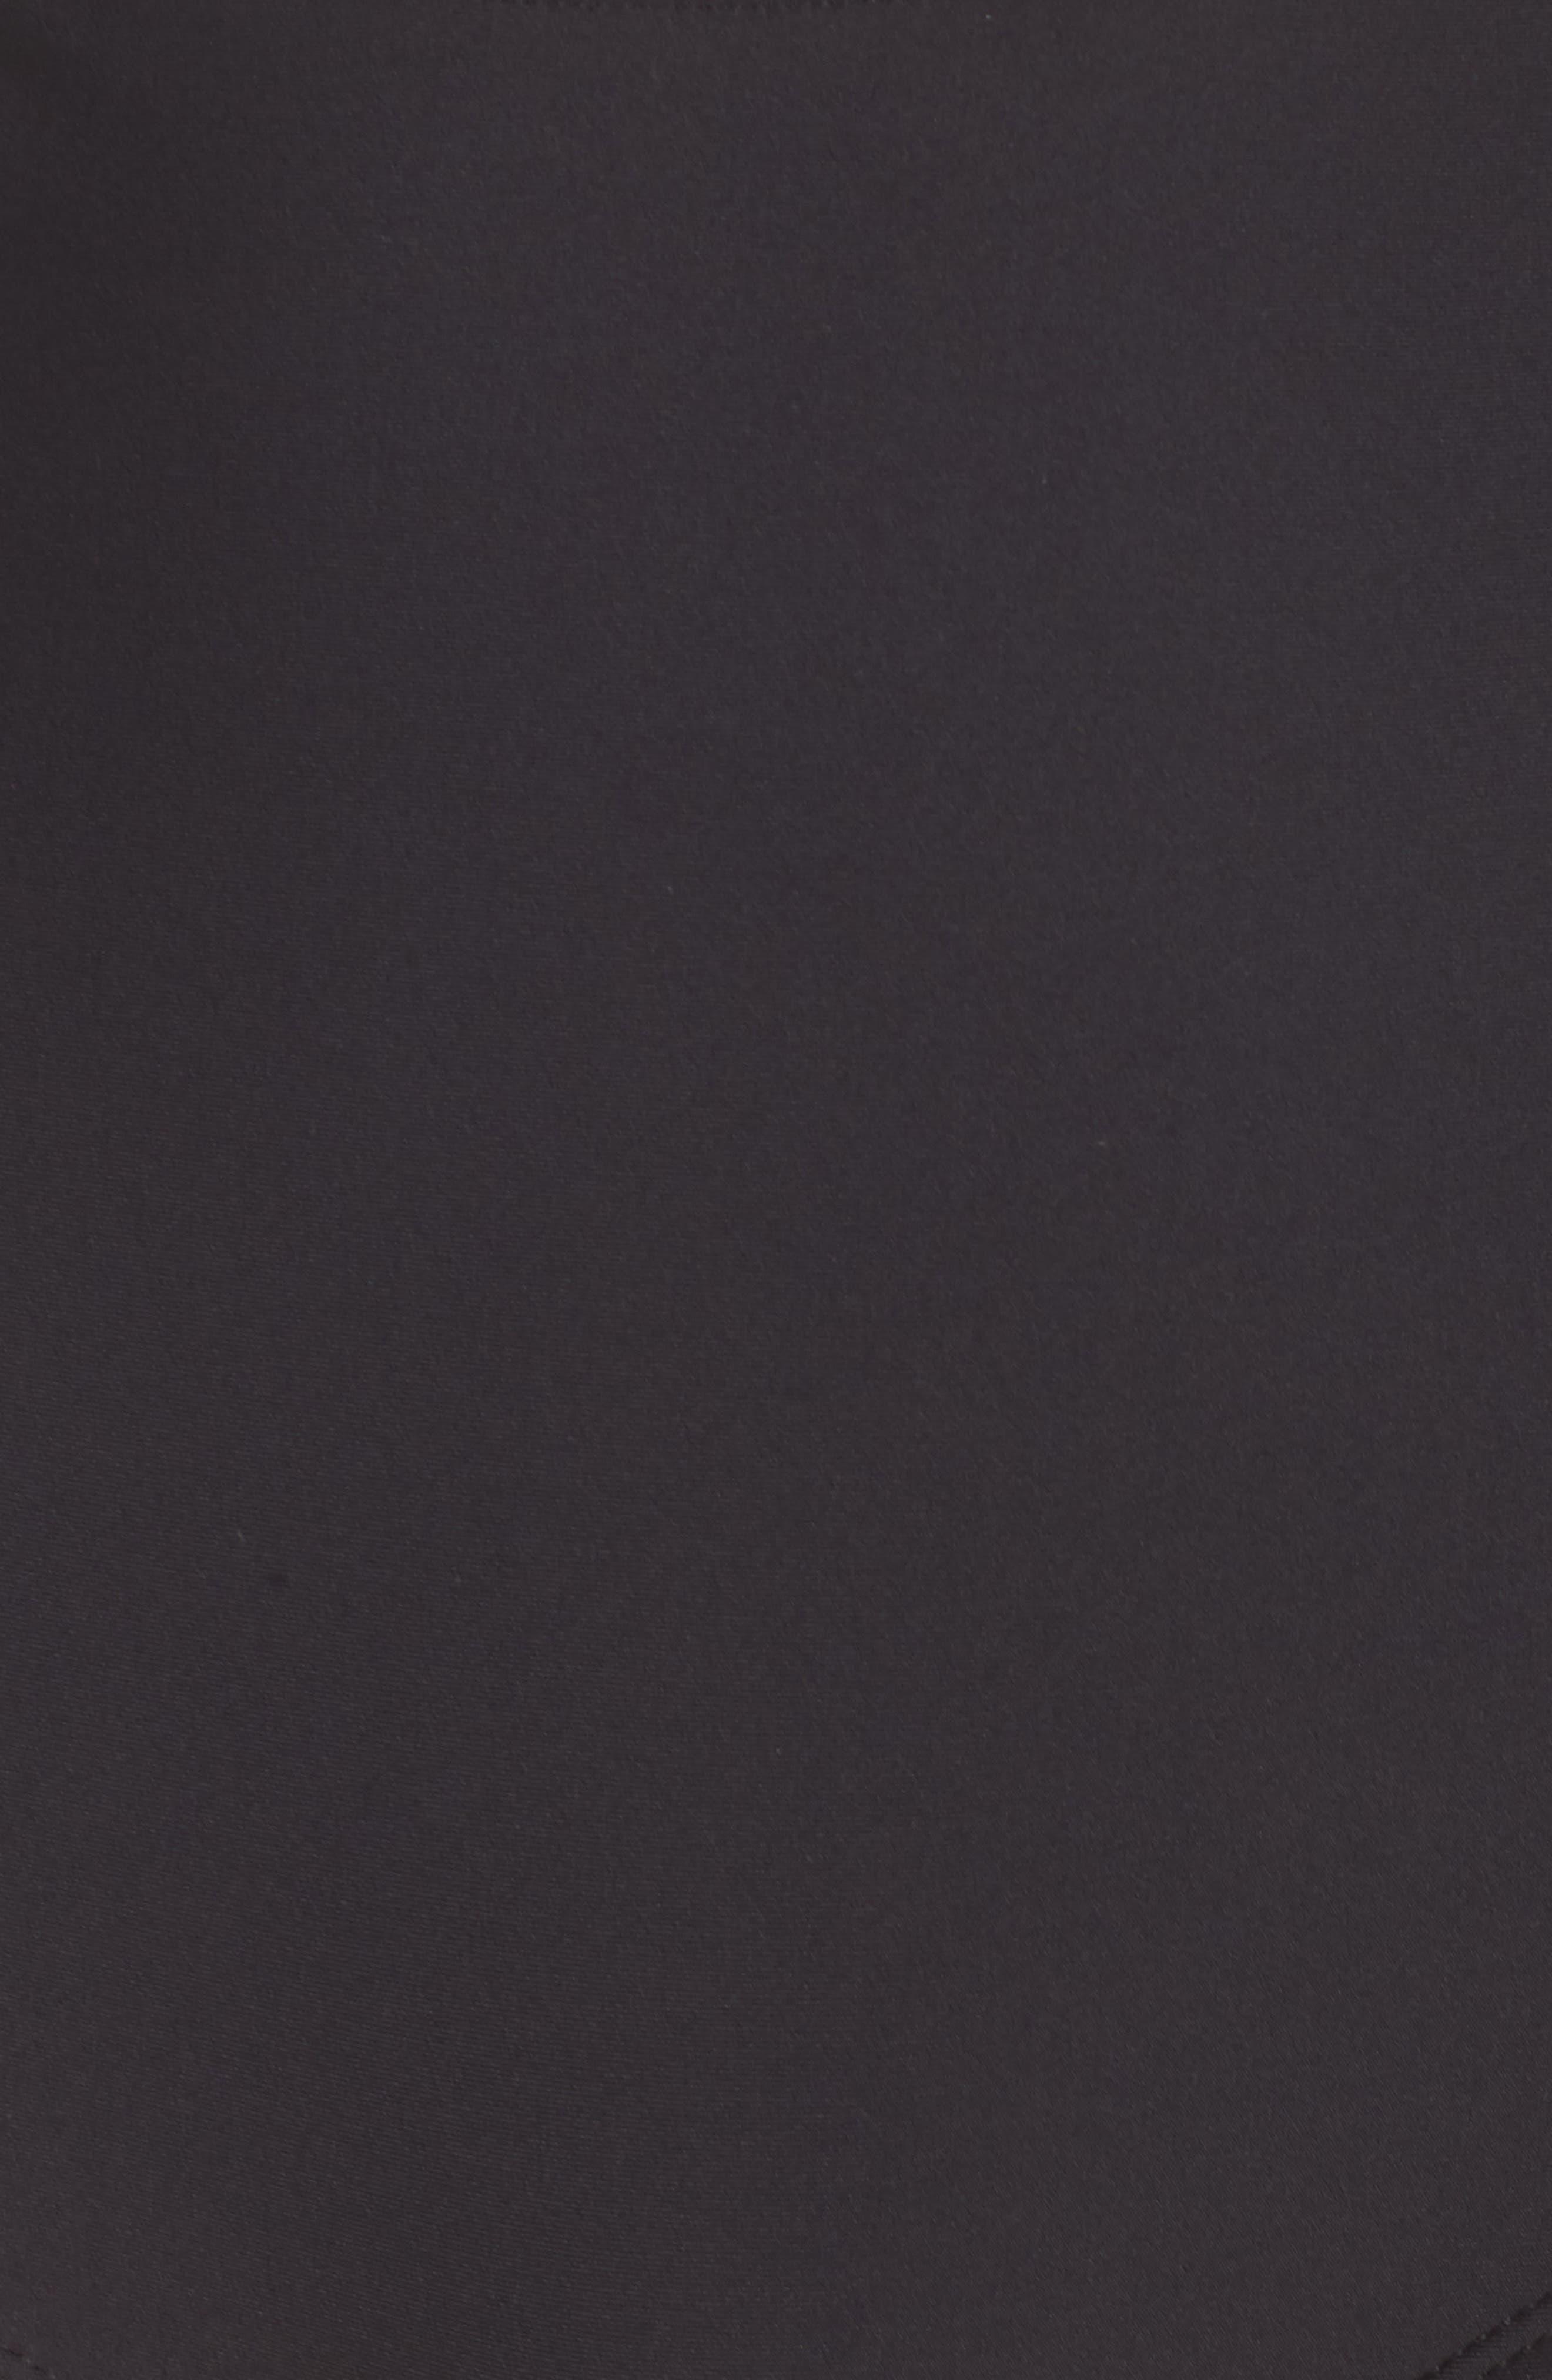 French Bikini Top,                             Alternate thumbnail 5, color,                             BLACK